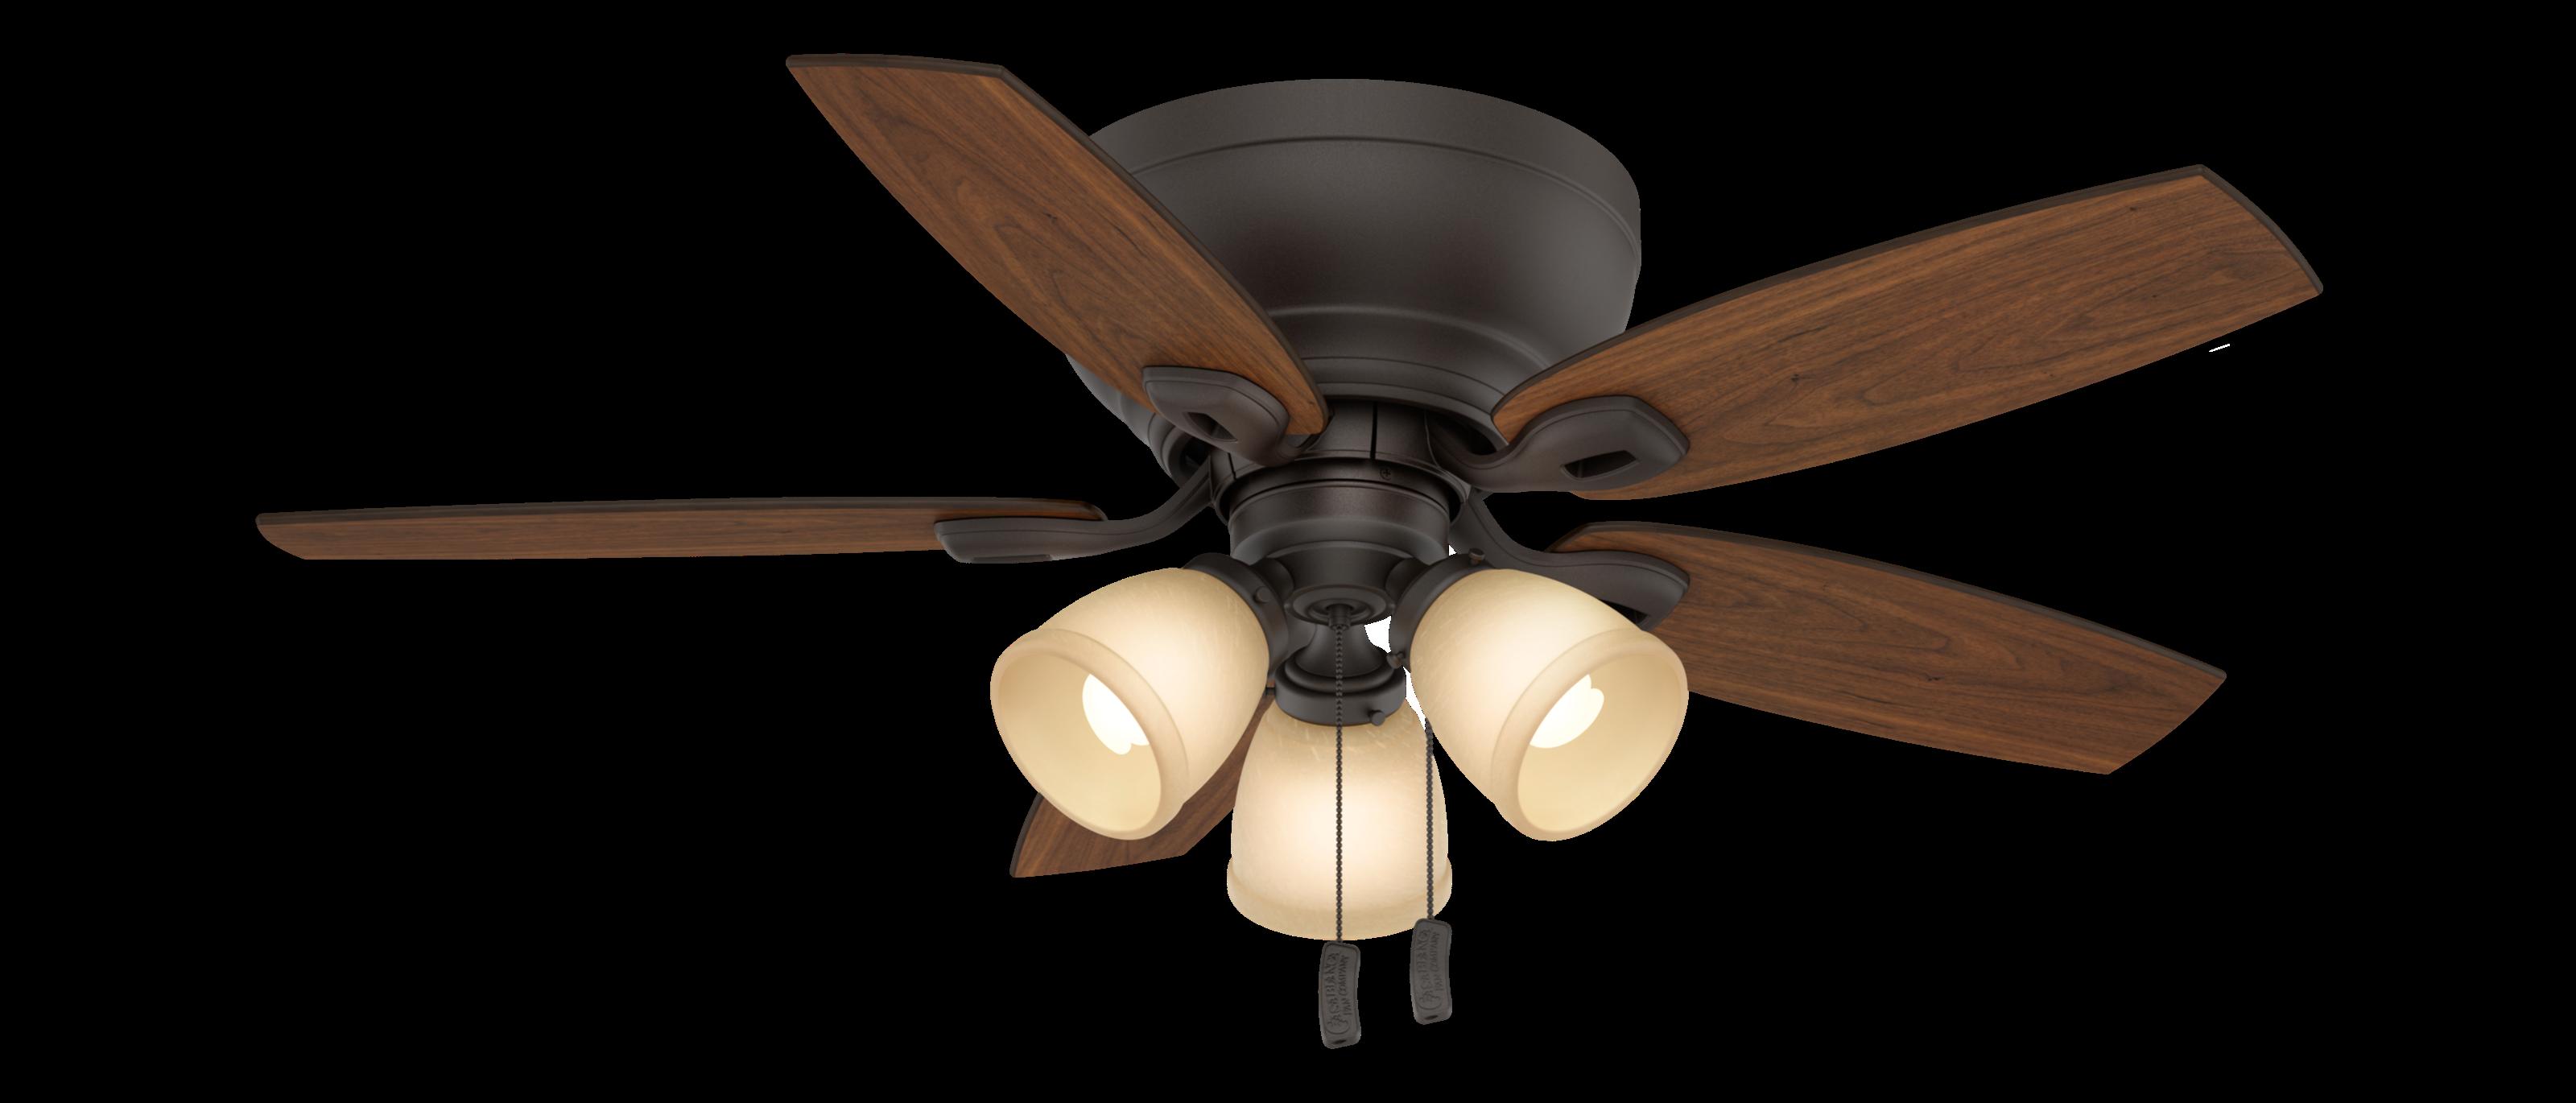 44 Bronze Ceiling Fan on